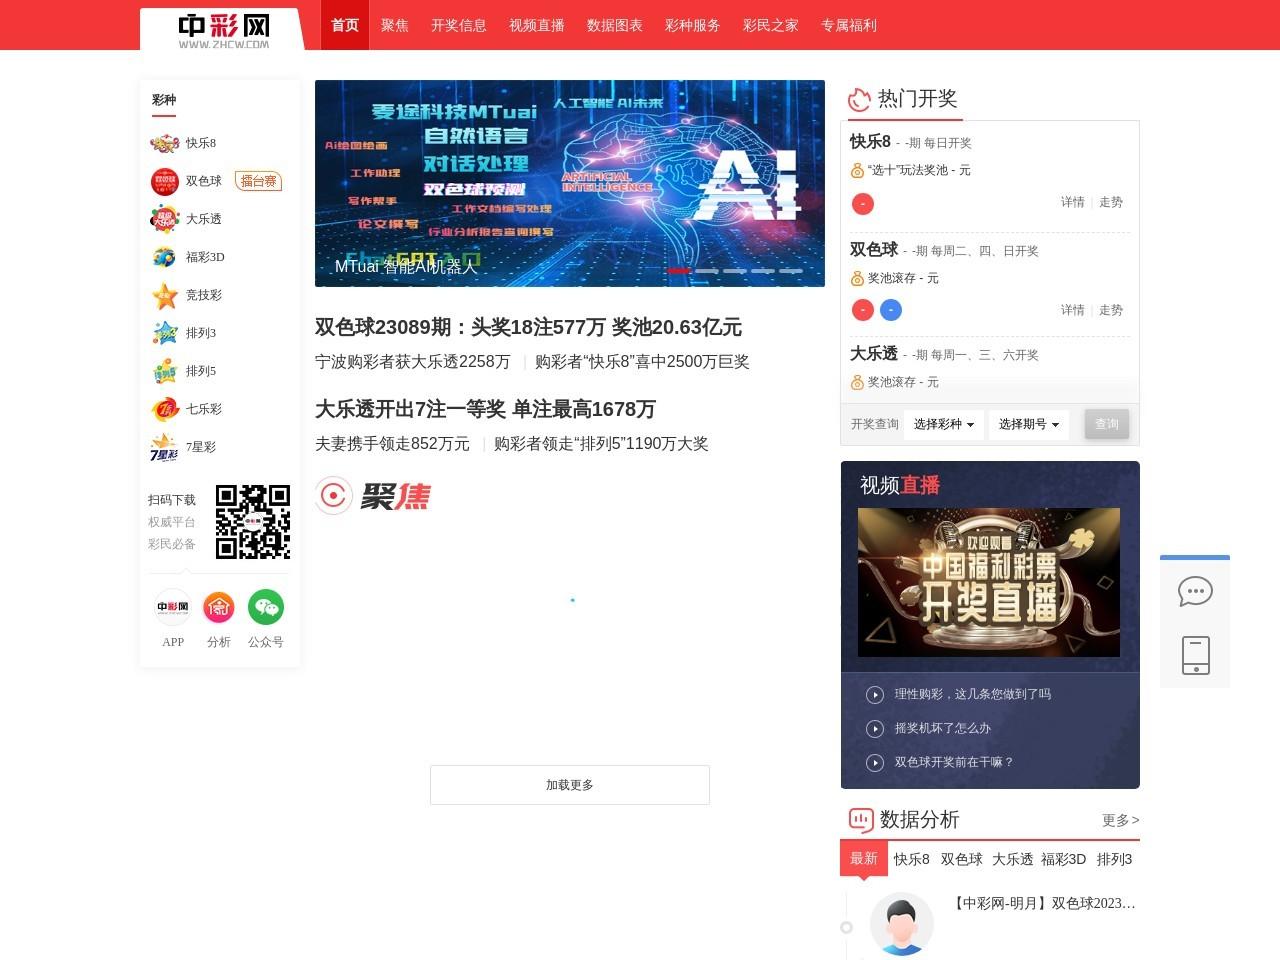 中彩网-中国彩票行业网络信息发布媒体